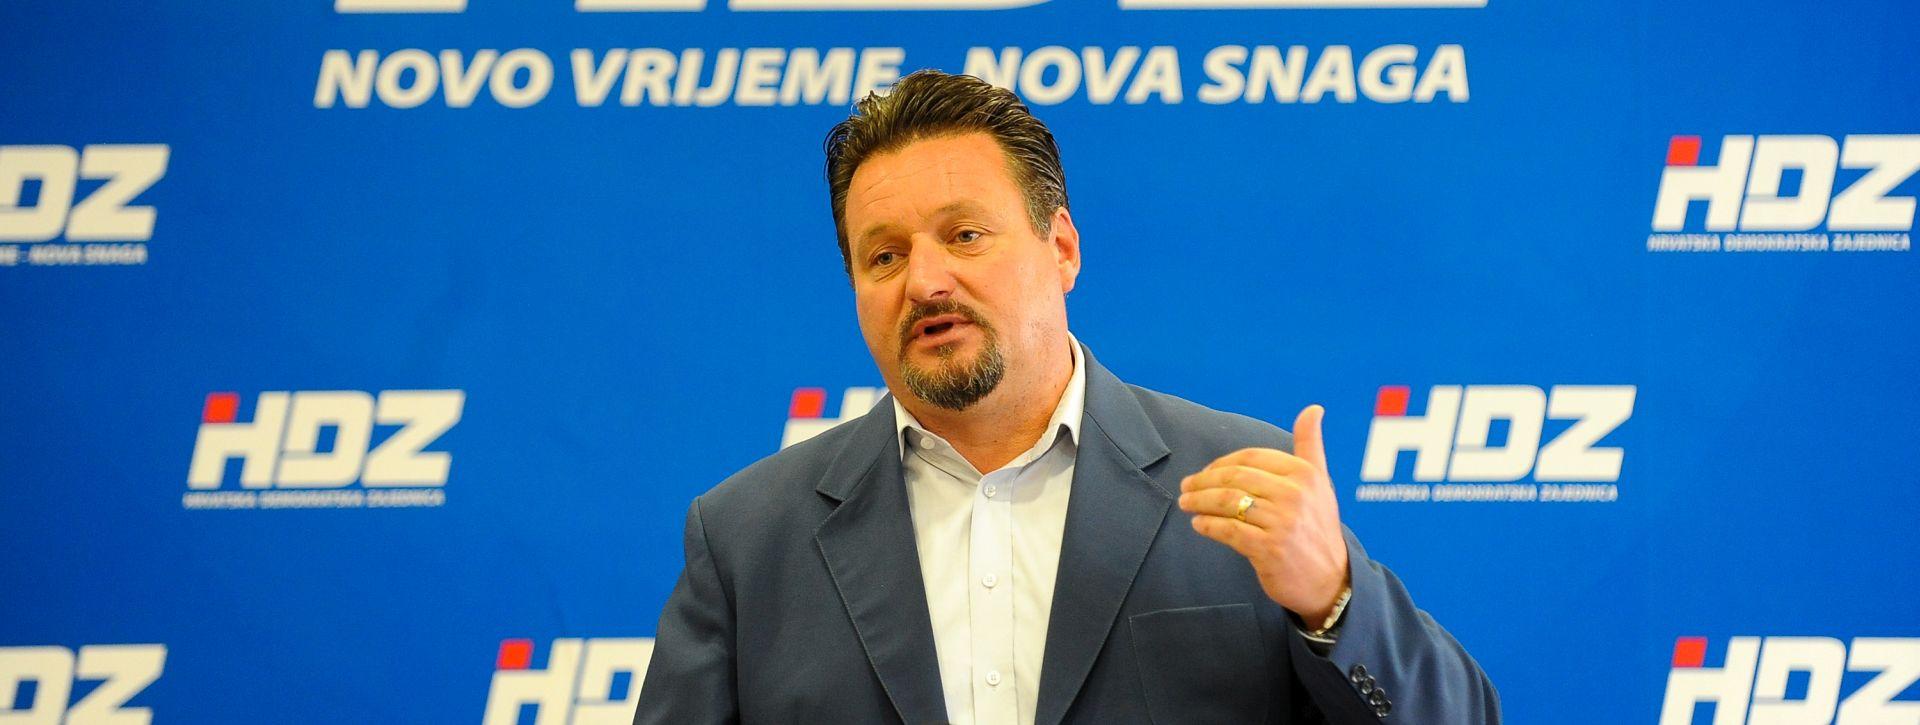 MINISTAR KUŠČEVIĆ: S Bandićem smo imali teške pregovore u vezi s katastrom Grada Zagreba